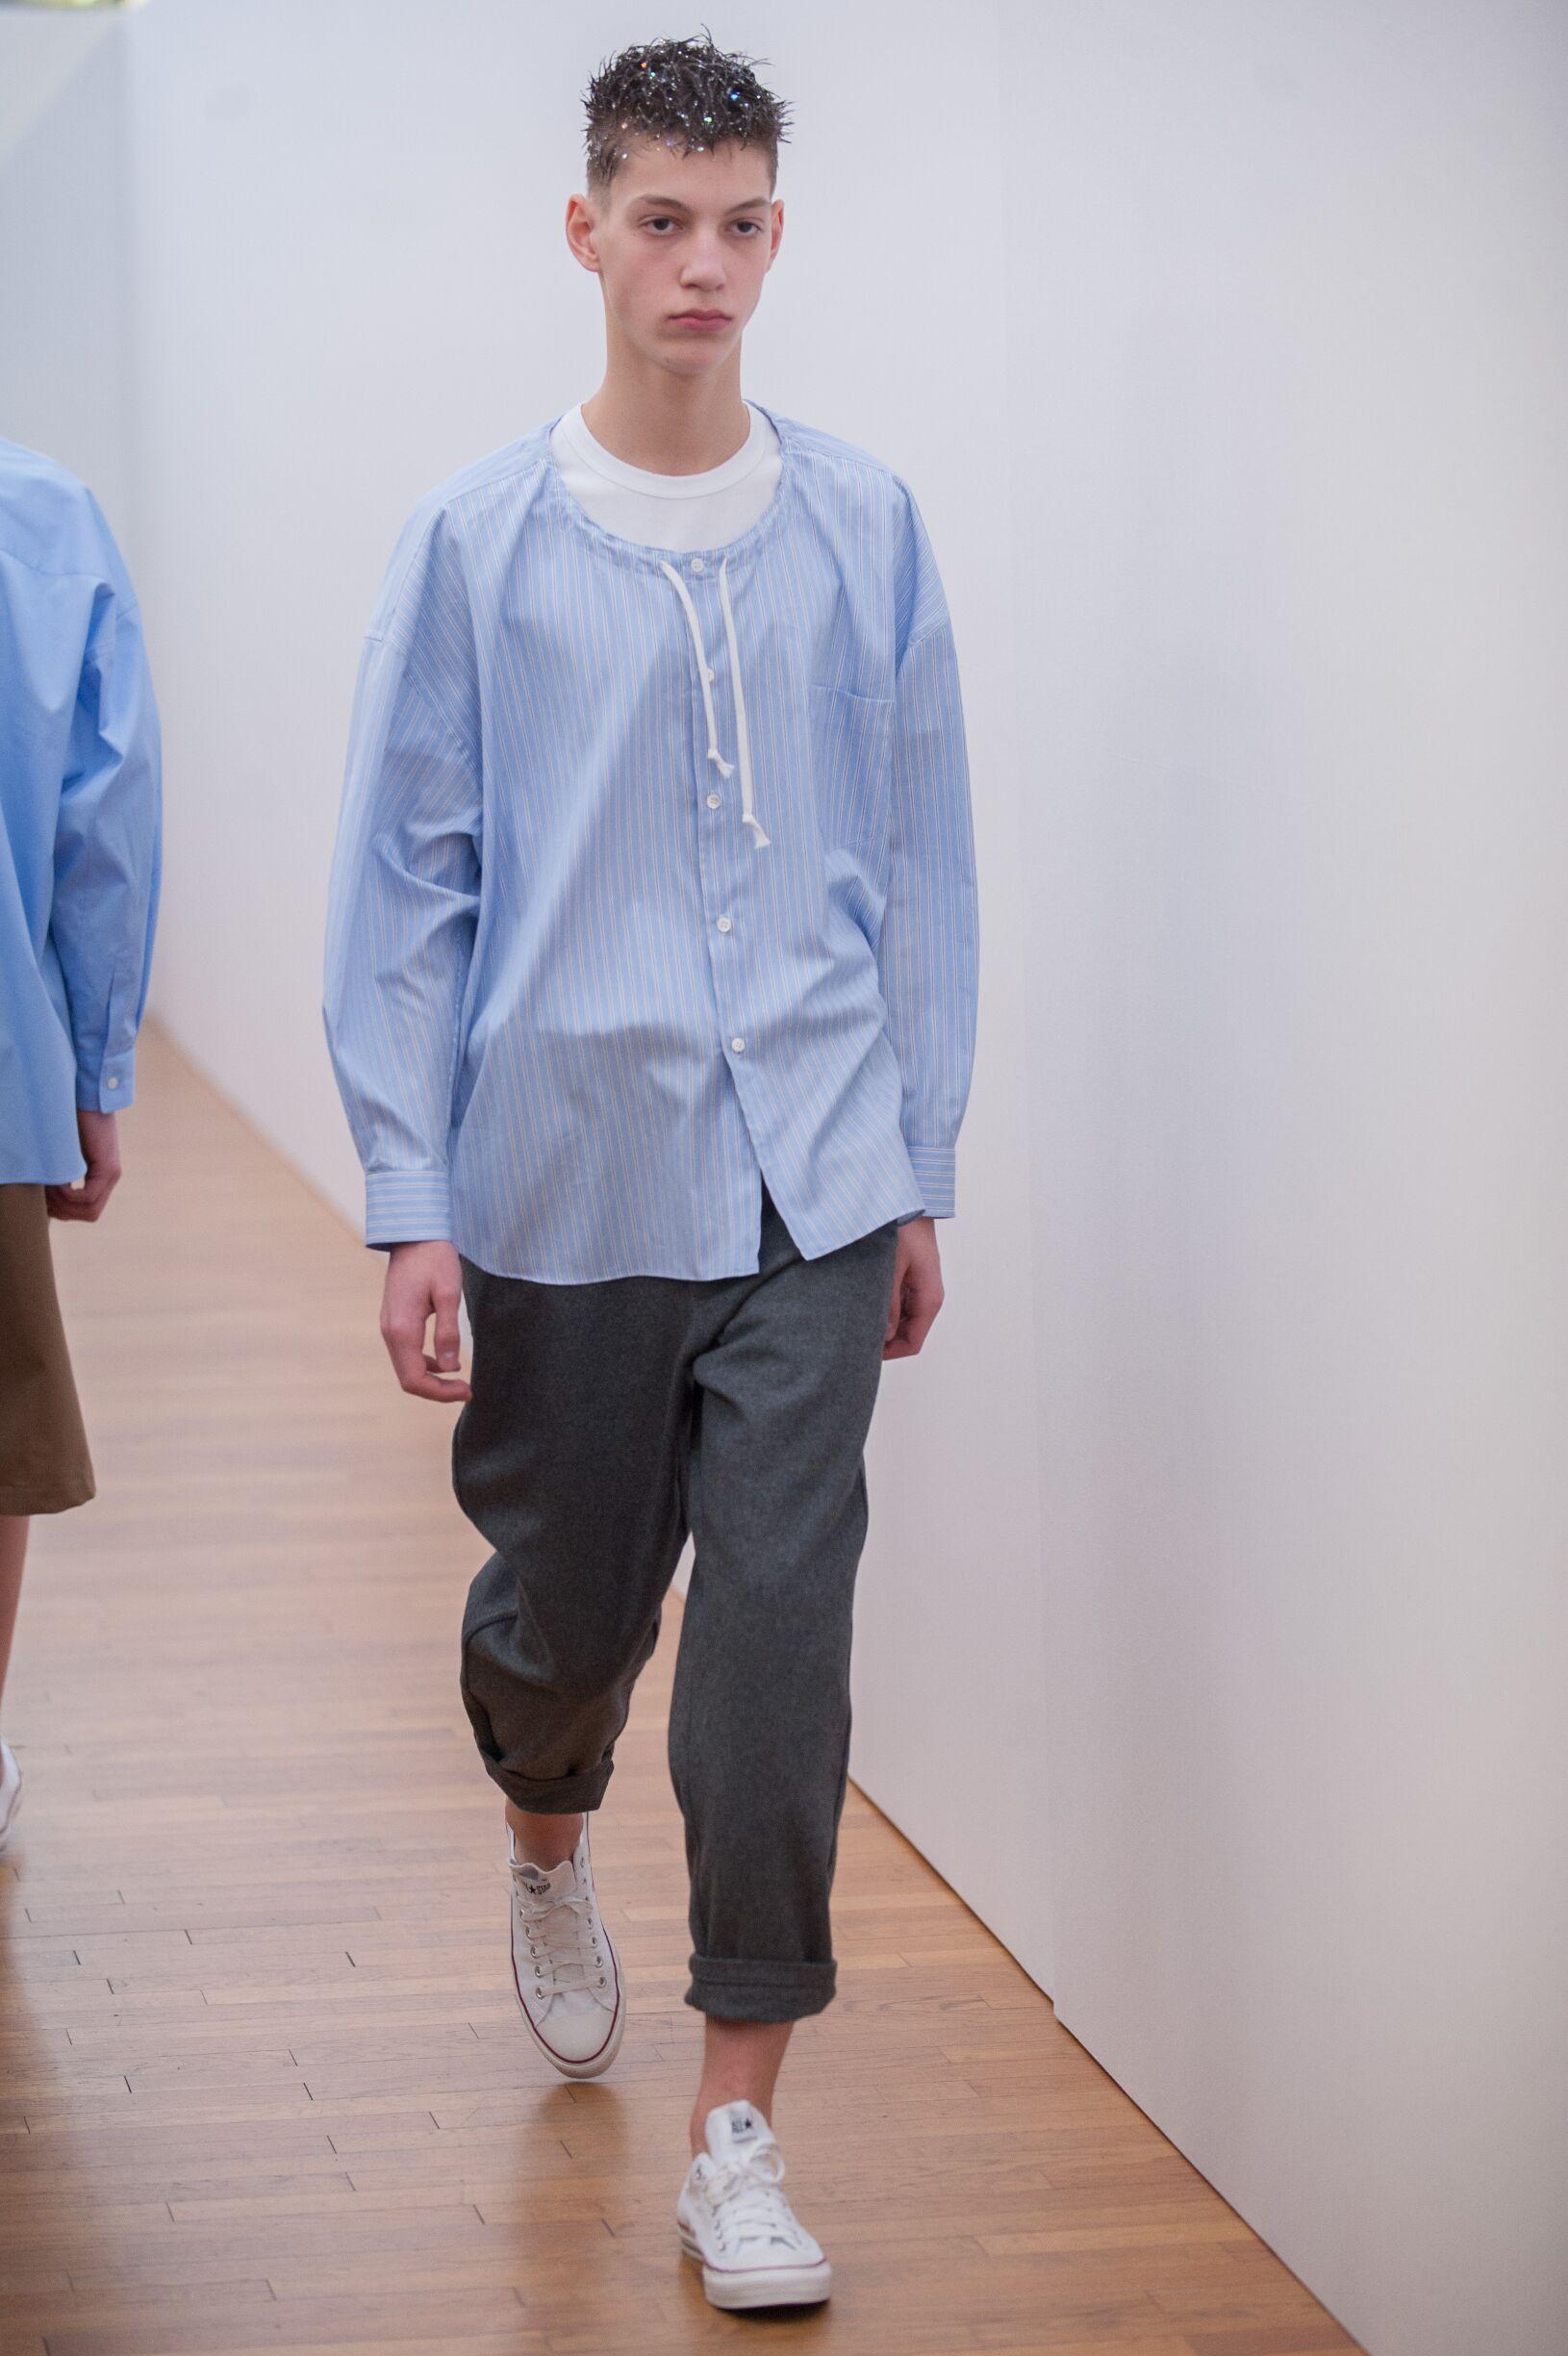 2017 Comme Des Garçons Shirt Fall Catwalk